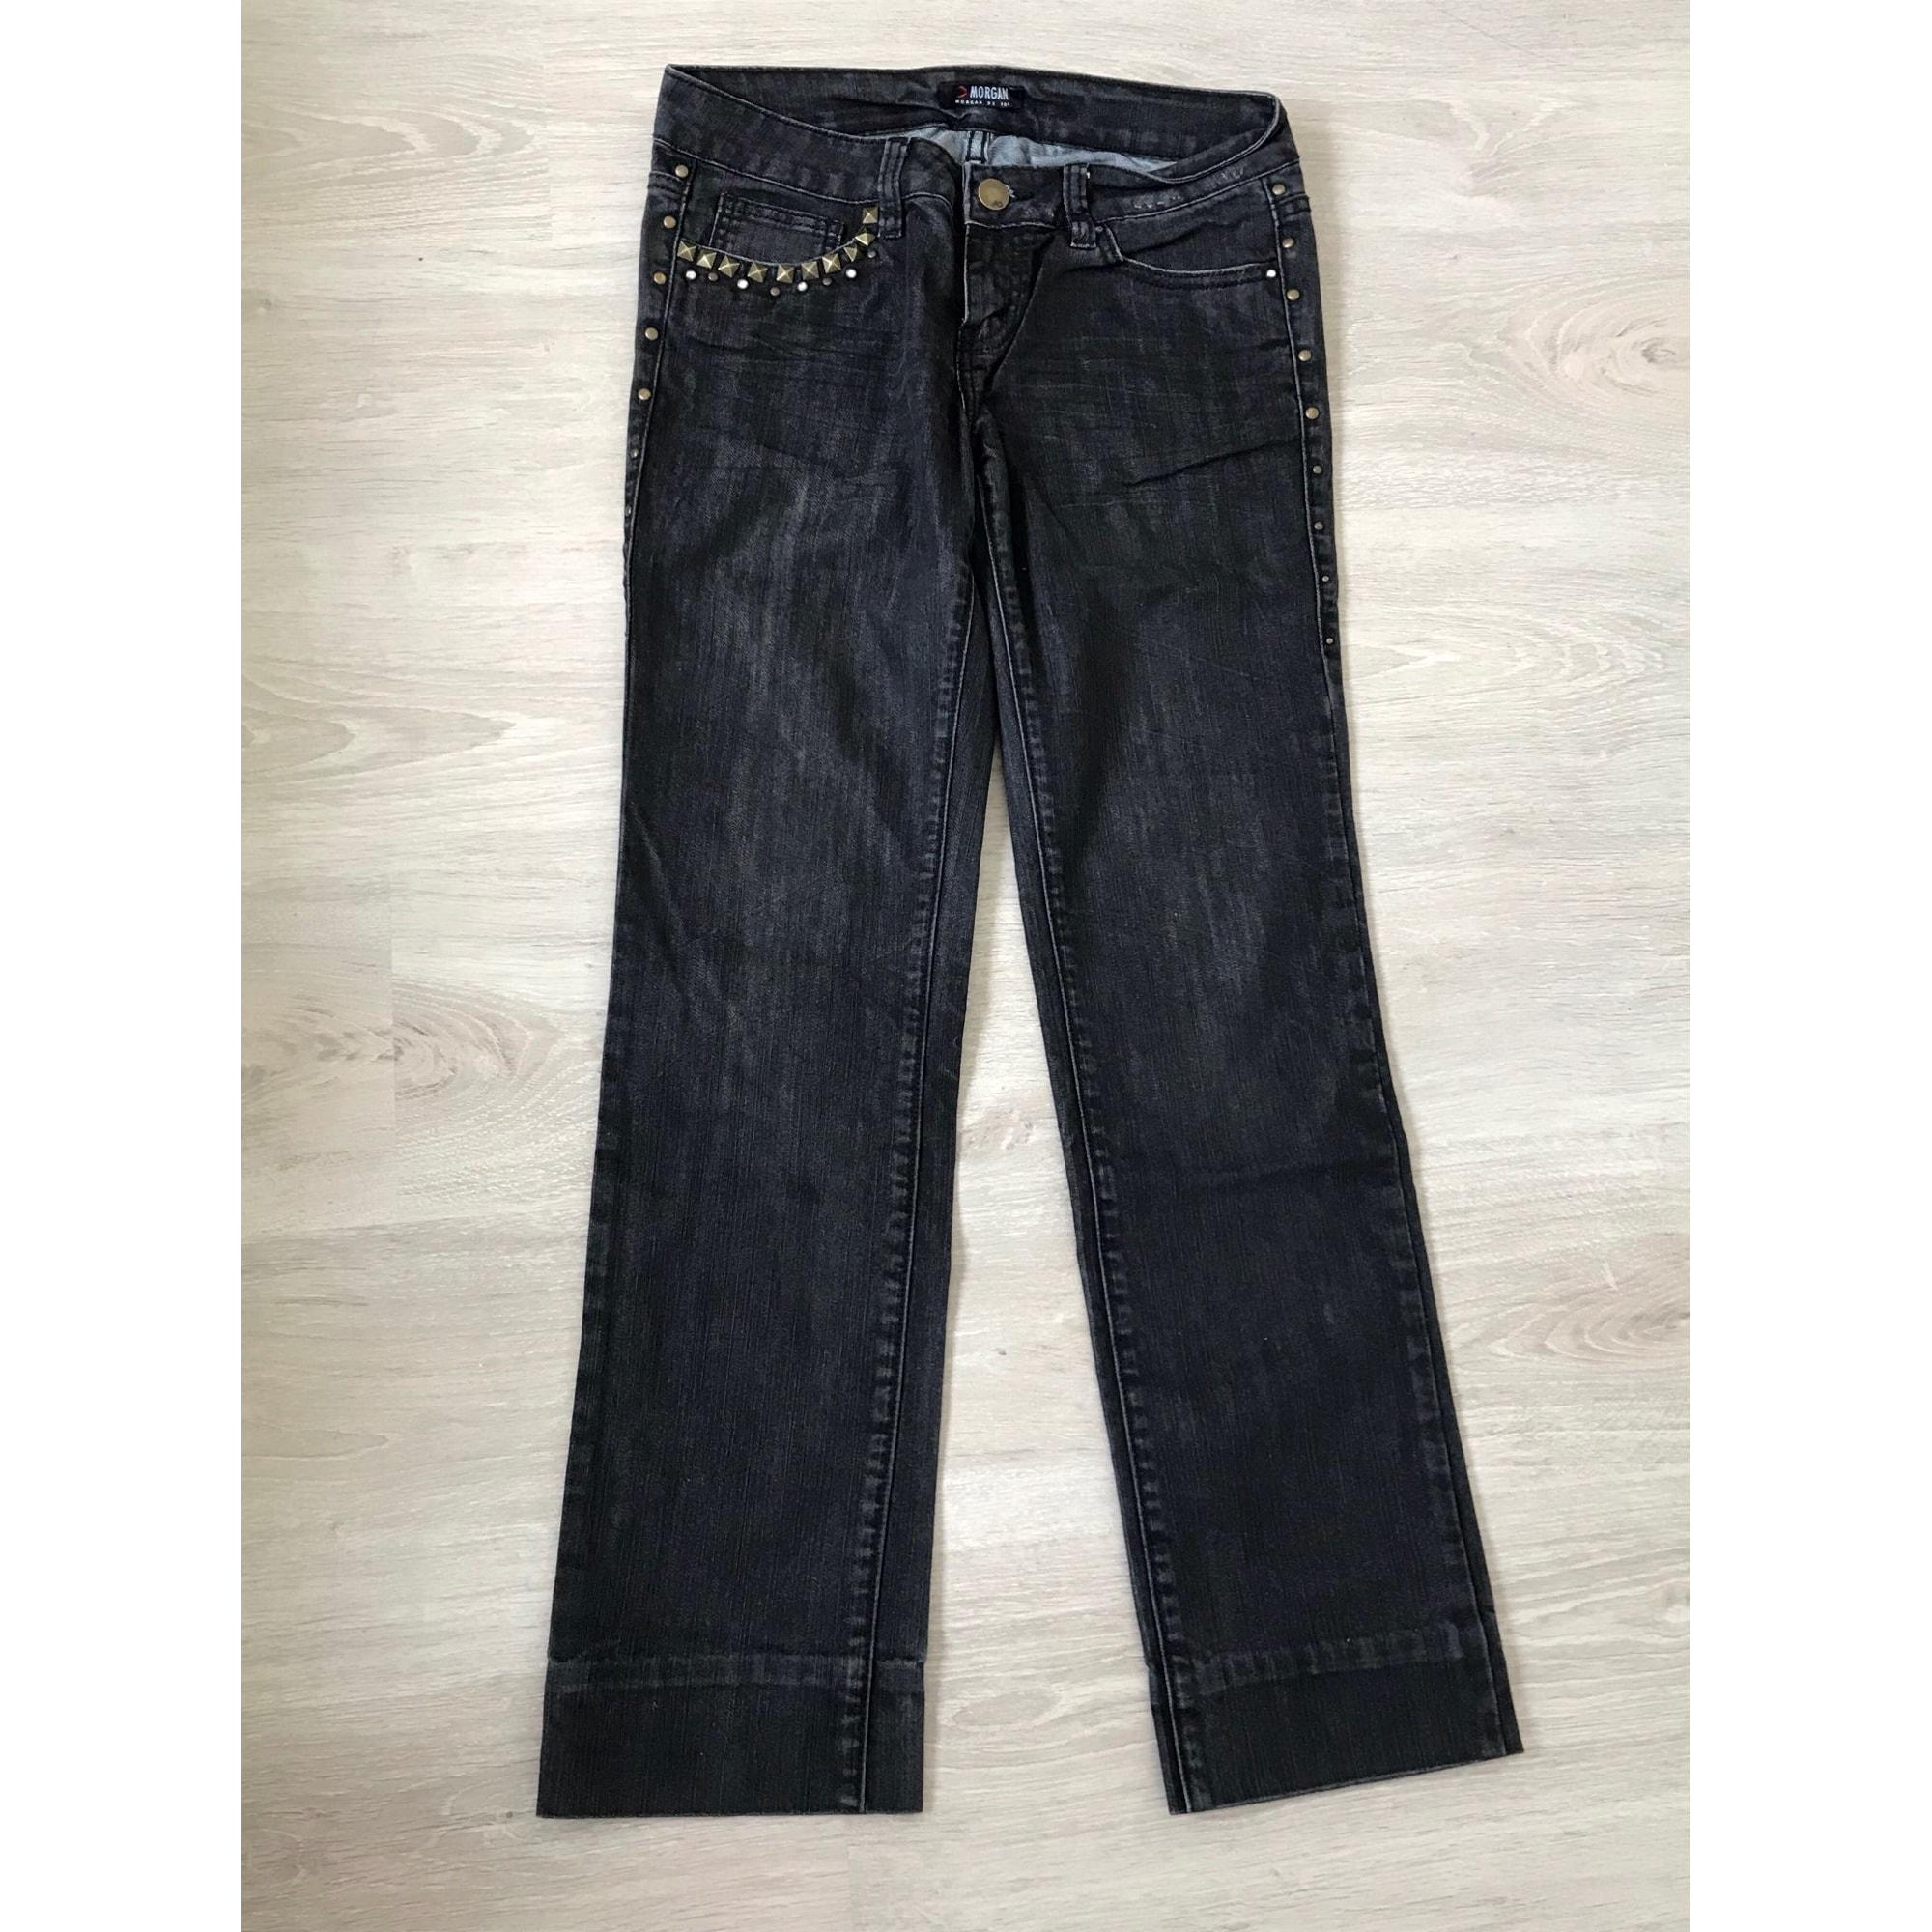 Jeans évasé, boot-cut MORGAN Gris, anthracite